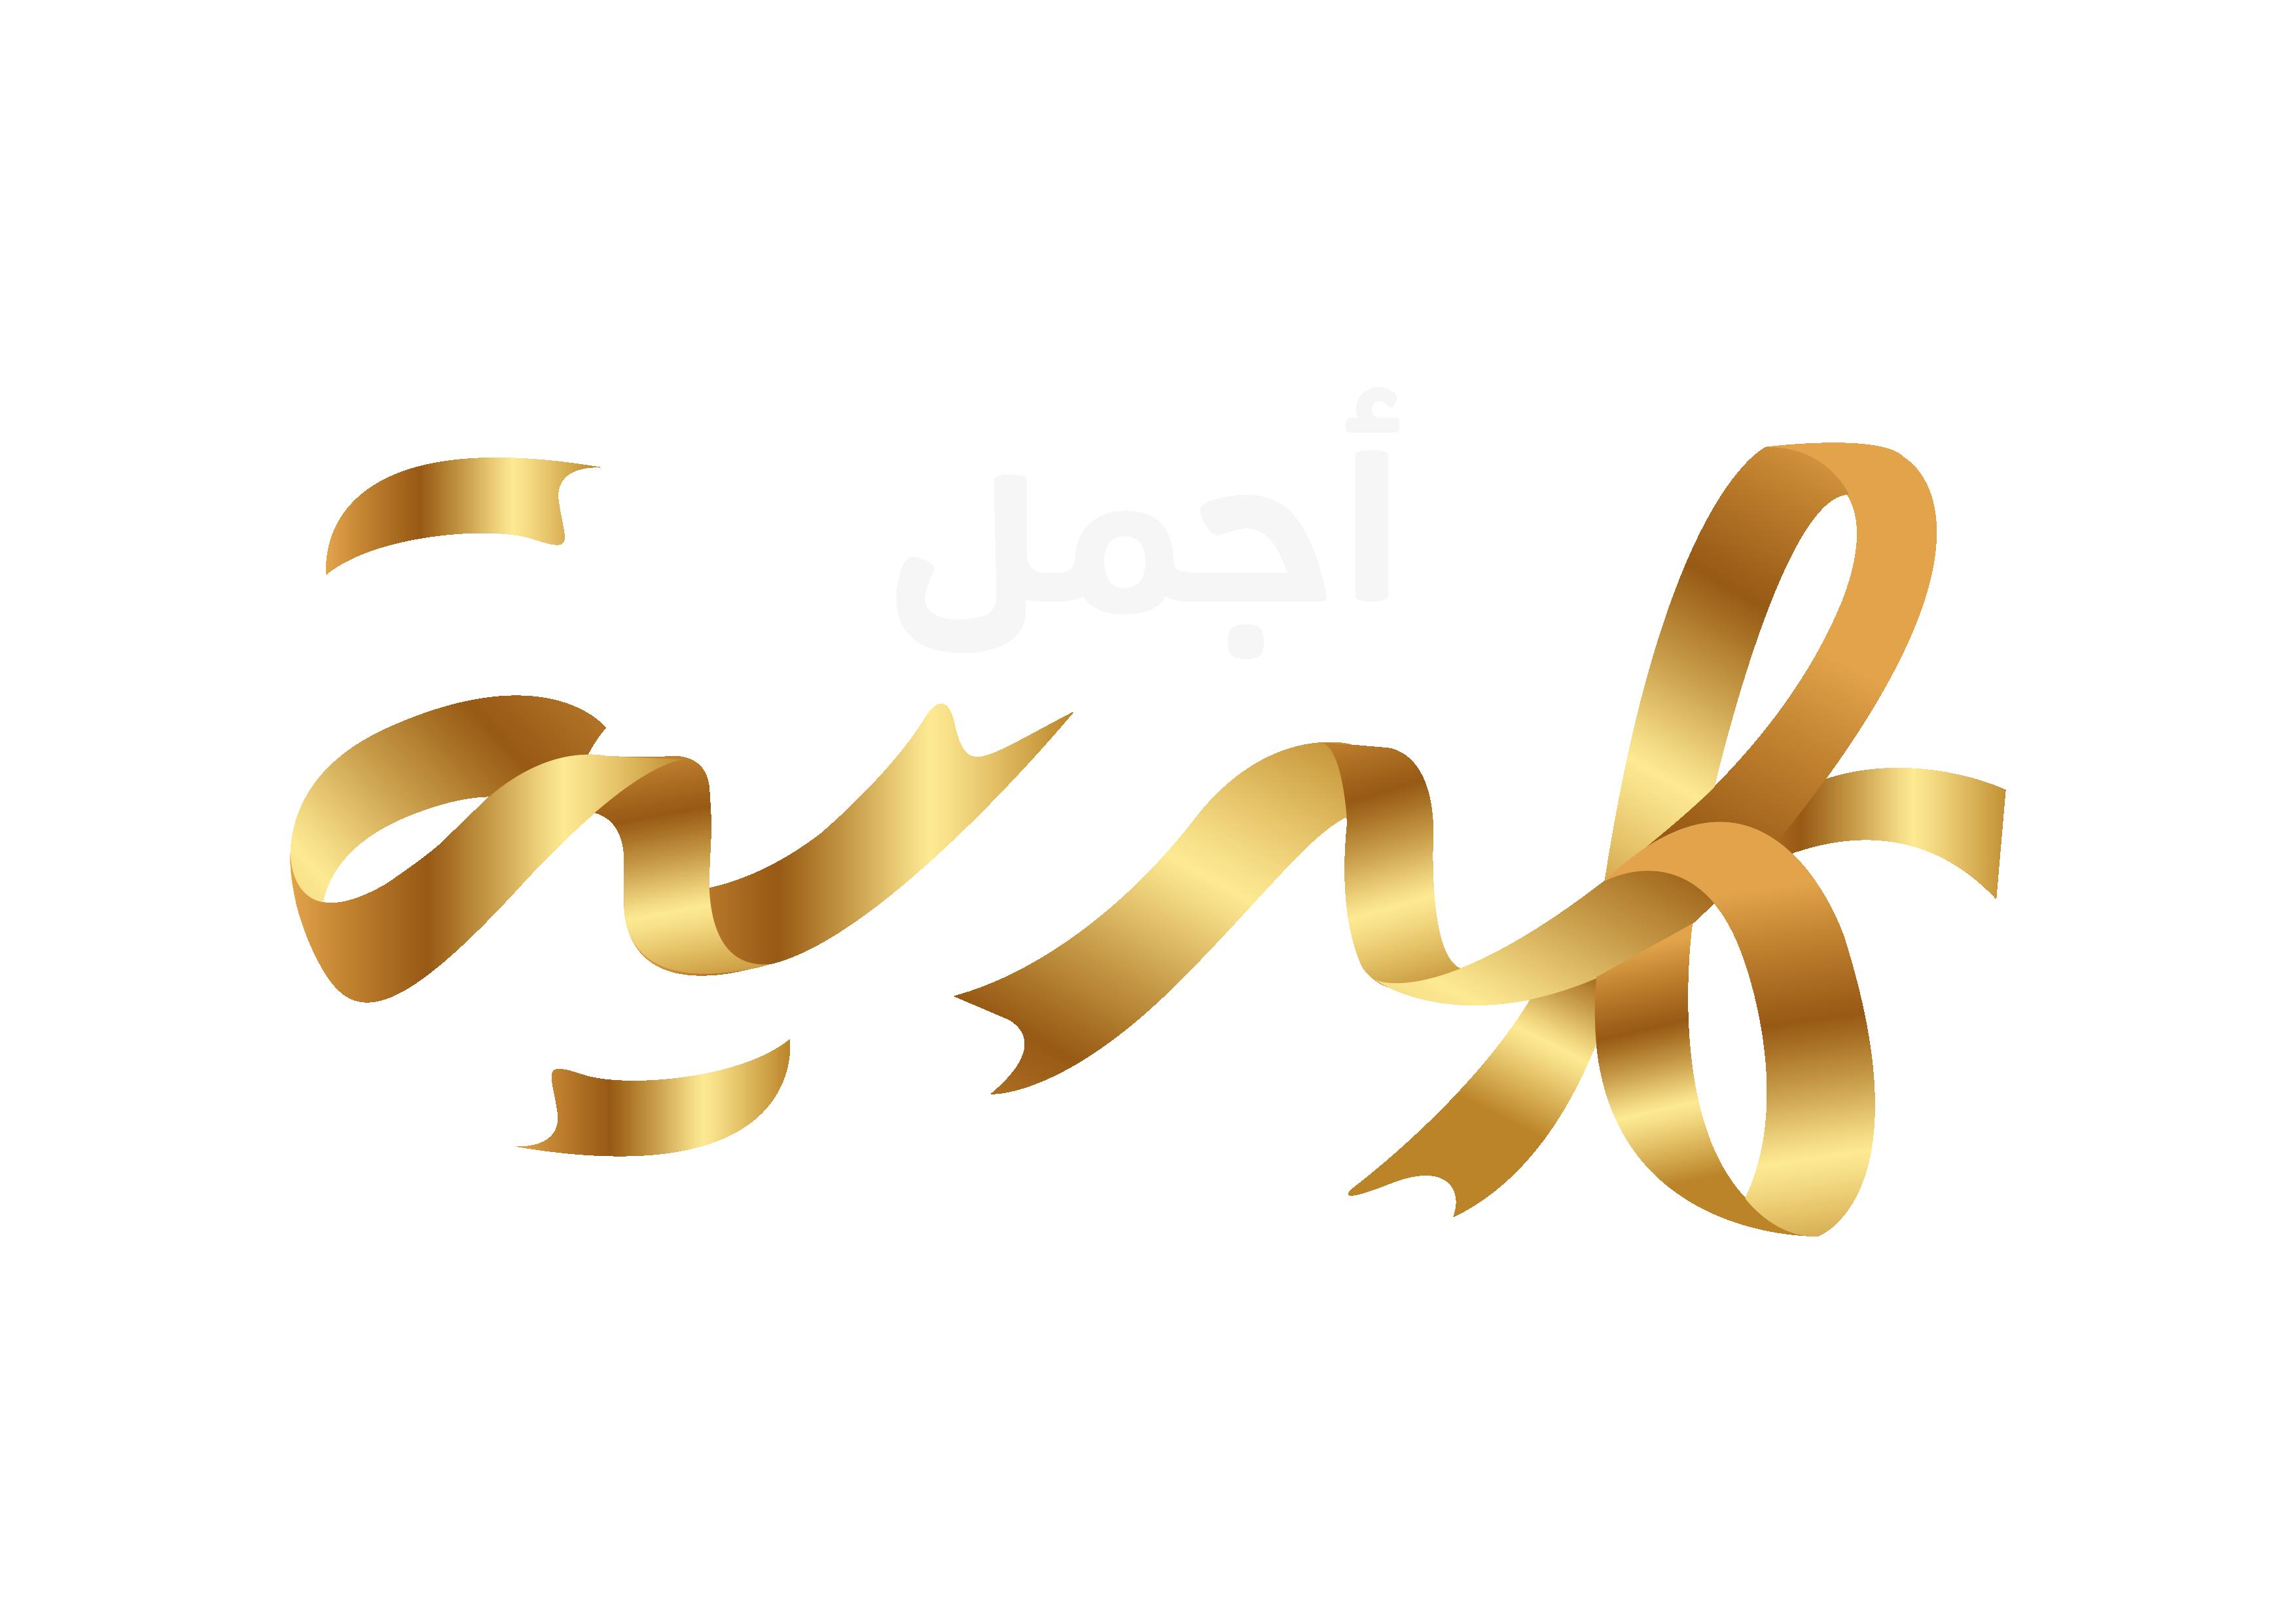 b114e6e14 قطر الخيرية - منظمة خيرية وإنسانية غير حكومية شعارها معاً لحياة كريمة